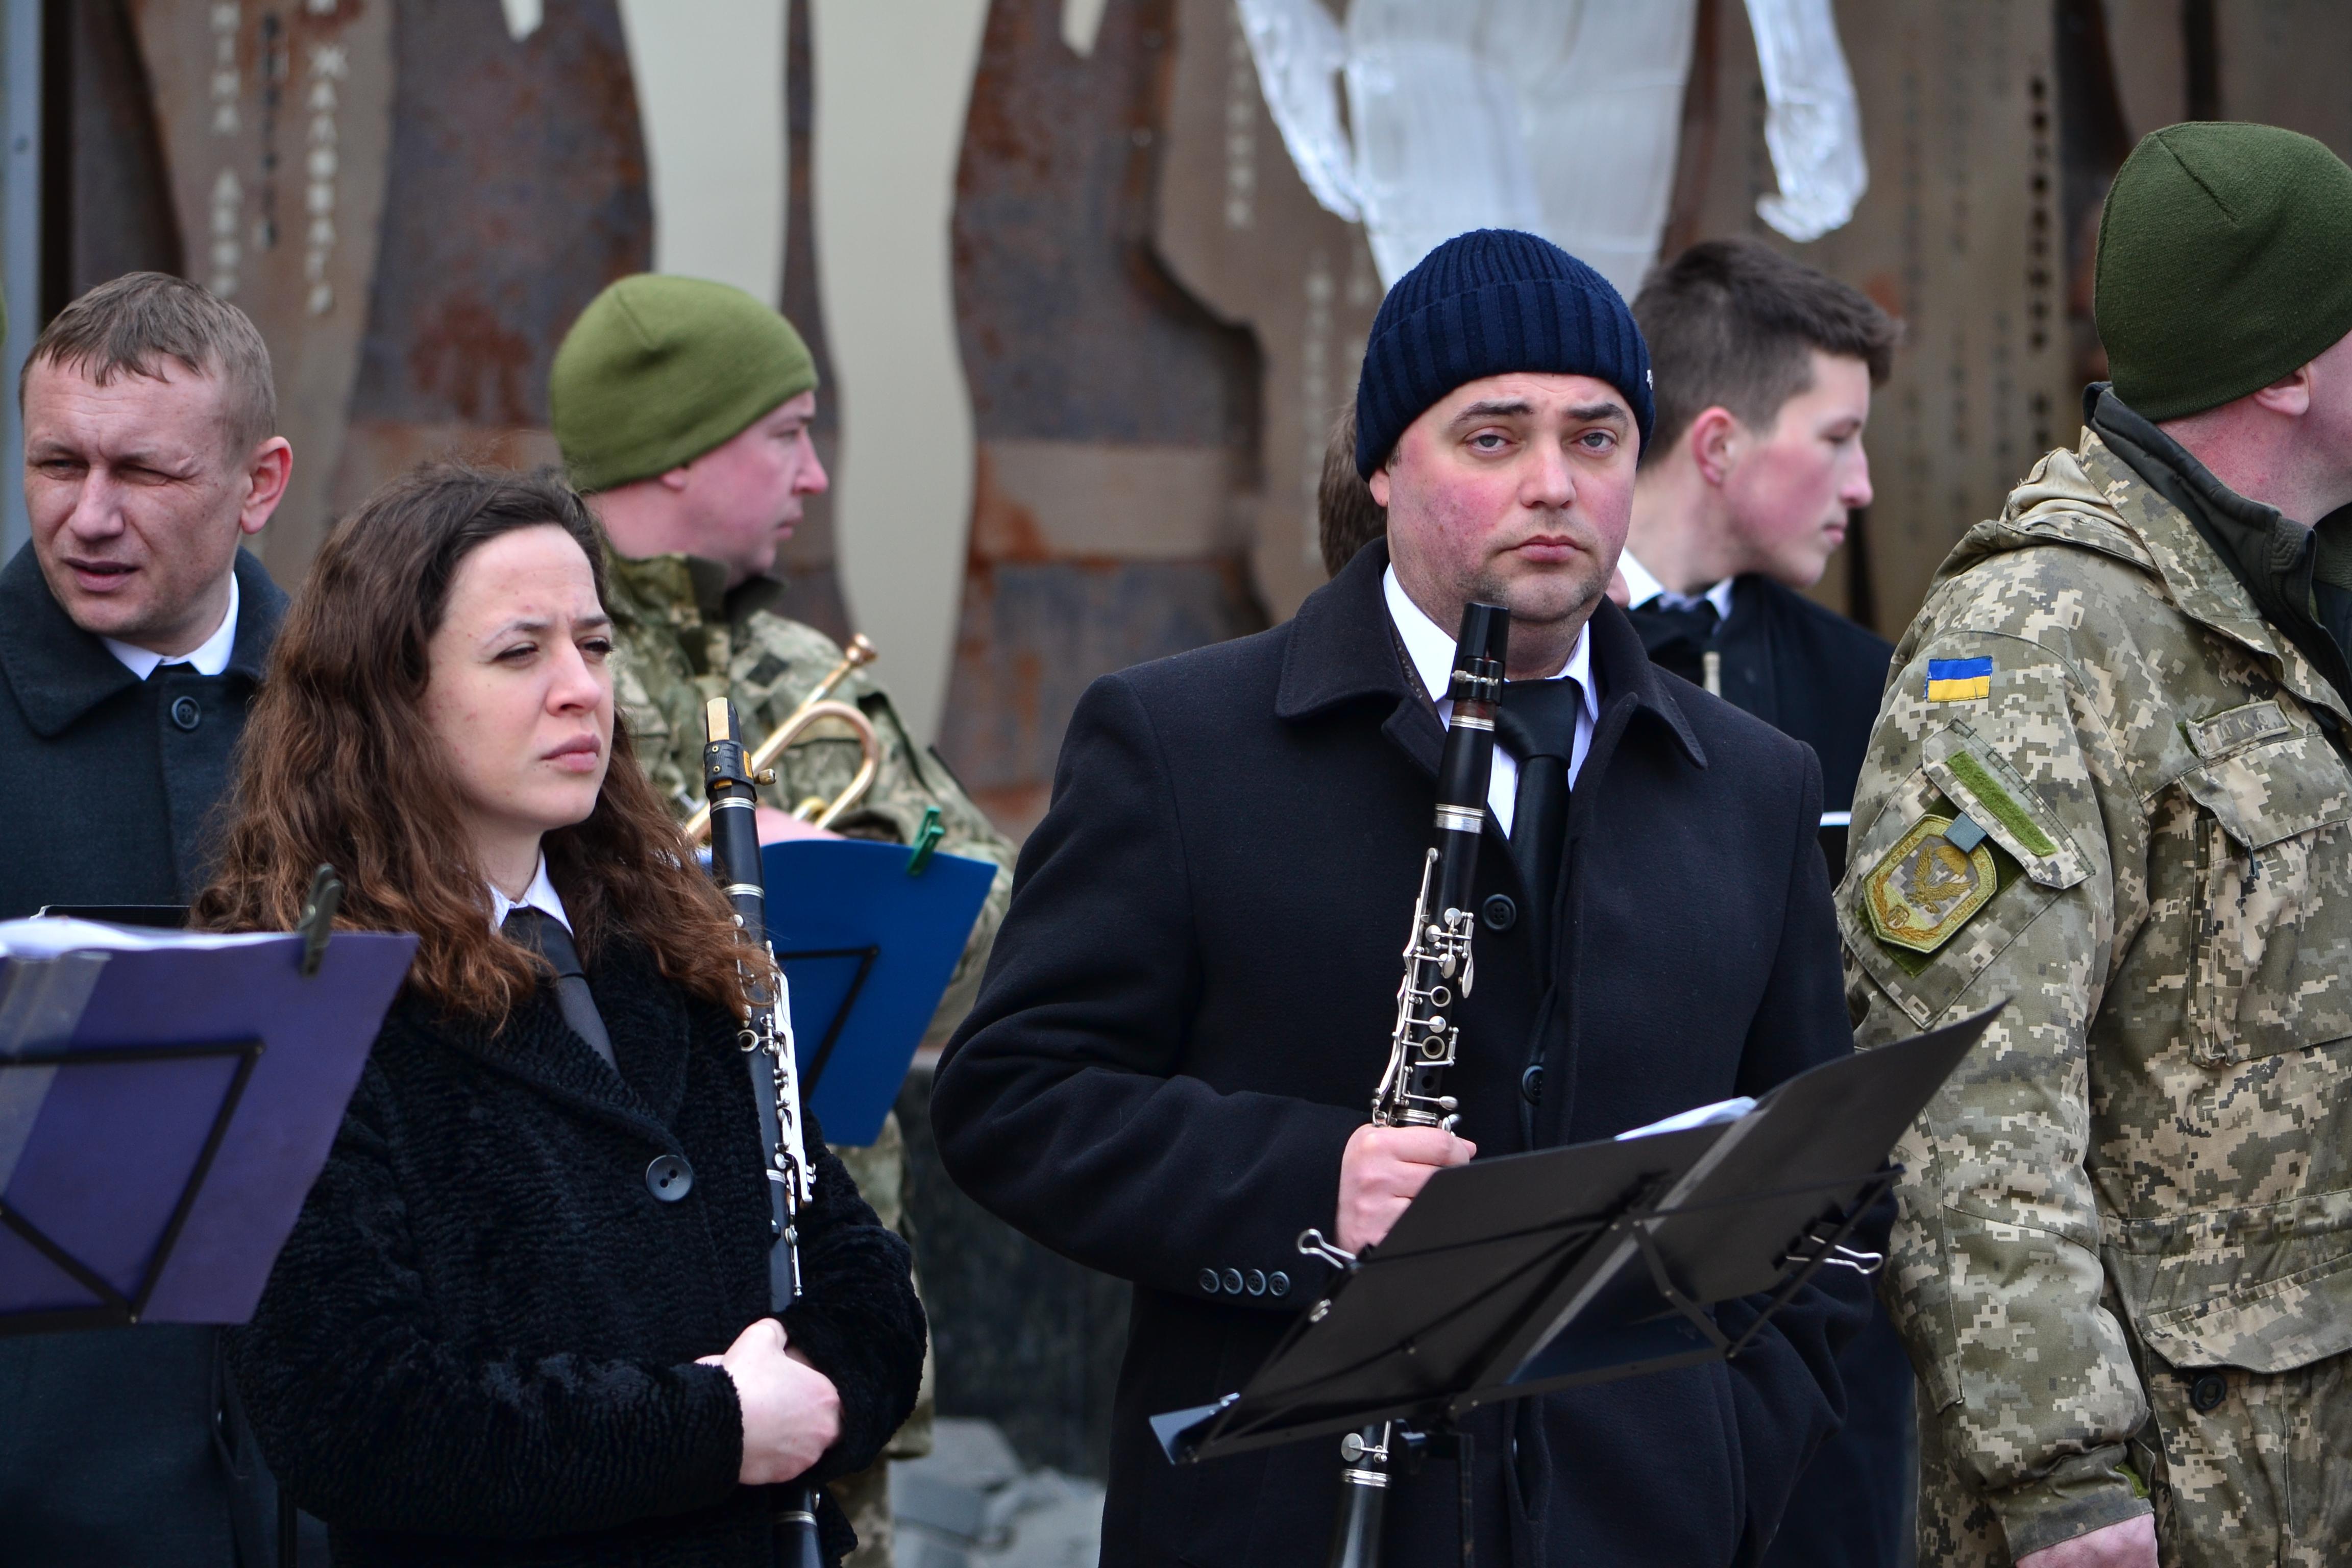 DSC 0802 1 - Ці воїни наповнюють наші серця: в Житомирі відзначили День українського добровольця (ФОТО)